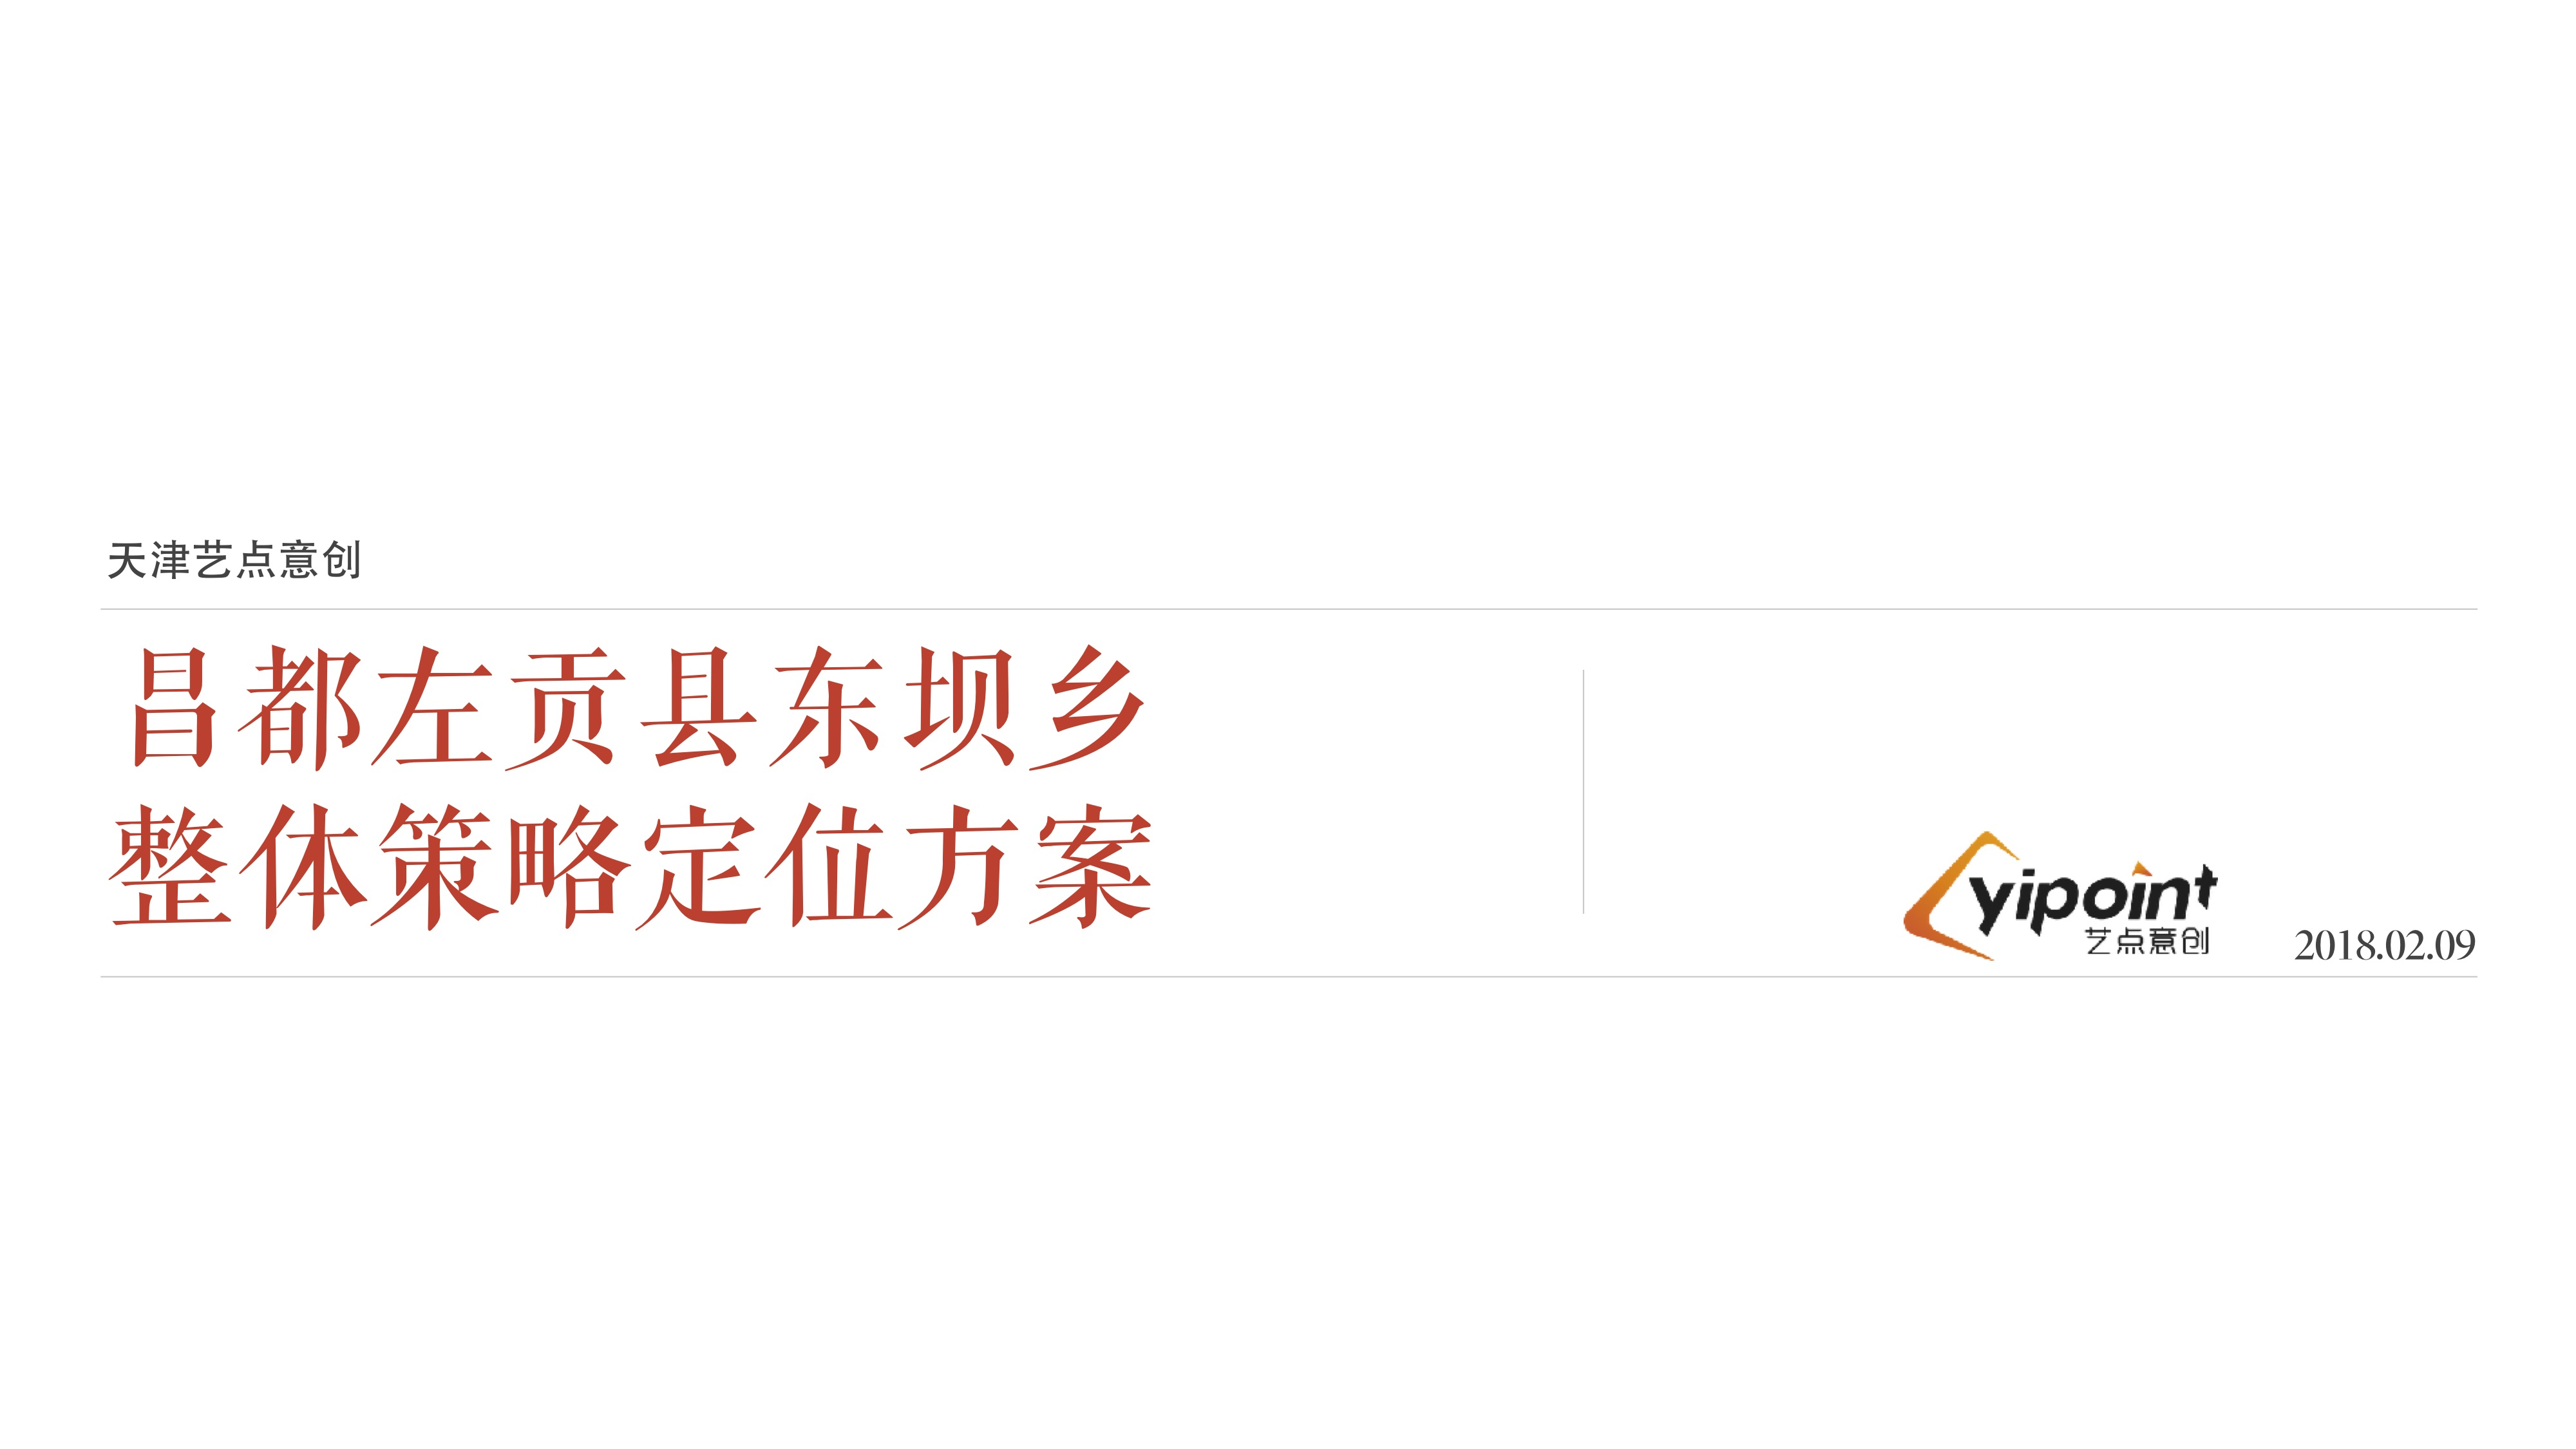 昌都左贡县东坝乡 整体旅游策略定位方案